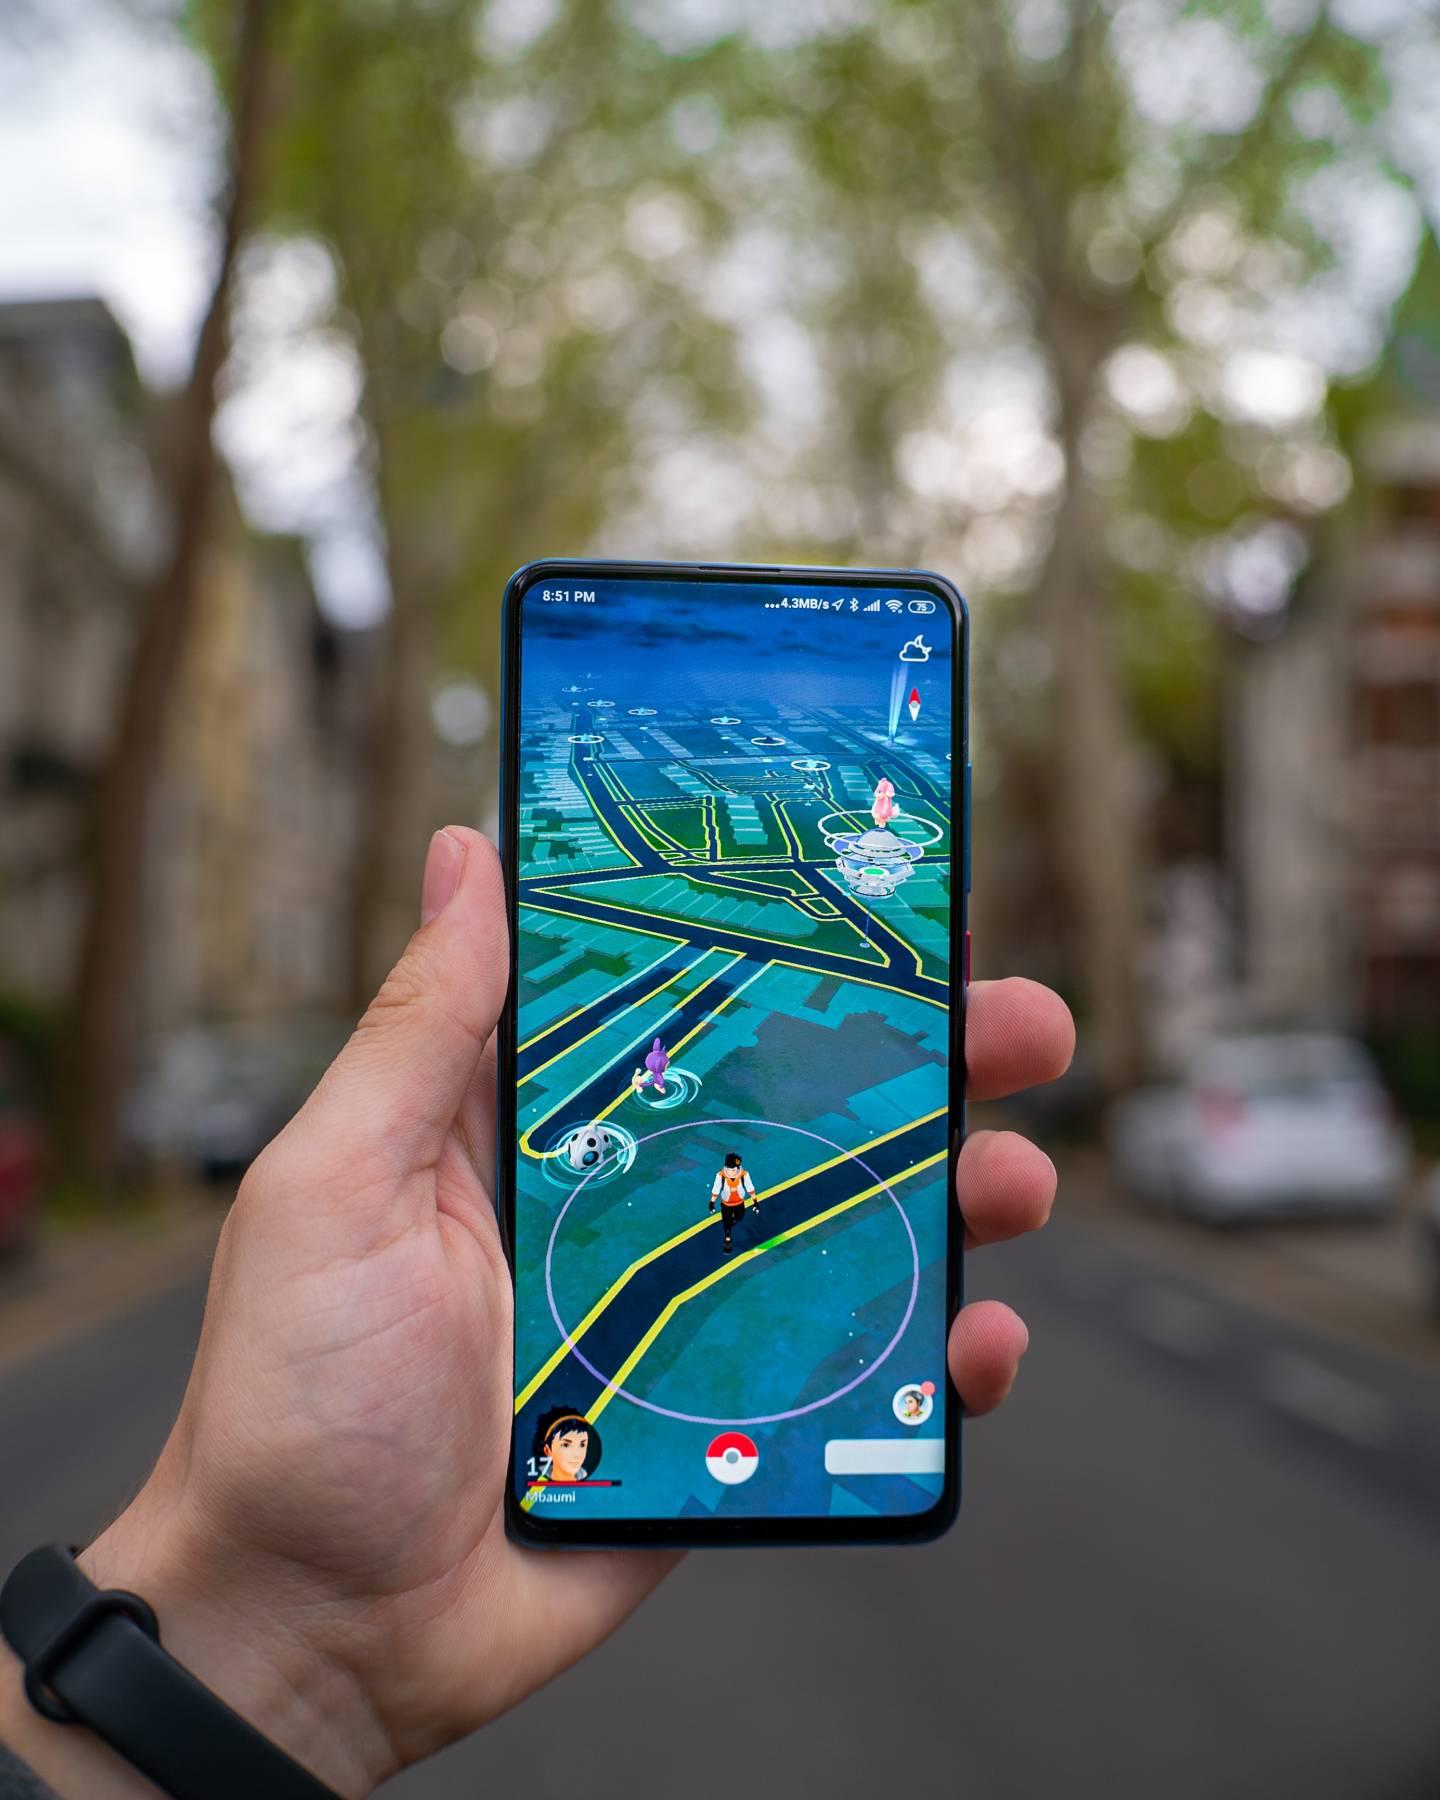 Frau Hält Smartphone mit dem Spiel Pokémon Go in die Luft, Straße mit Bäumen im Hintergrund